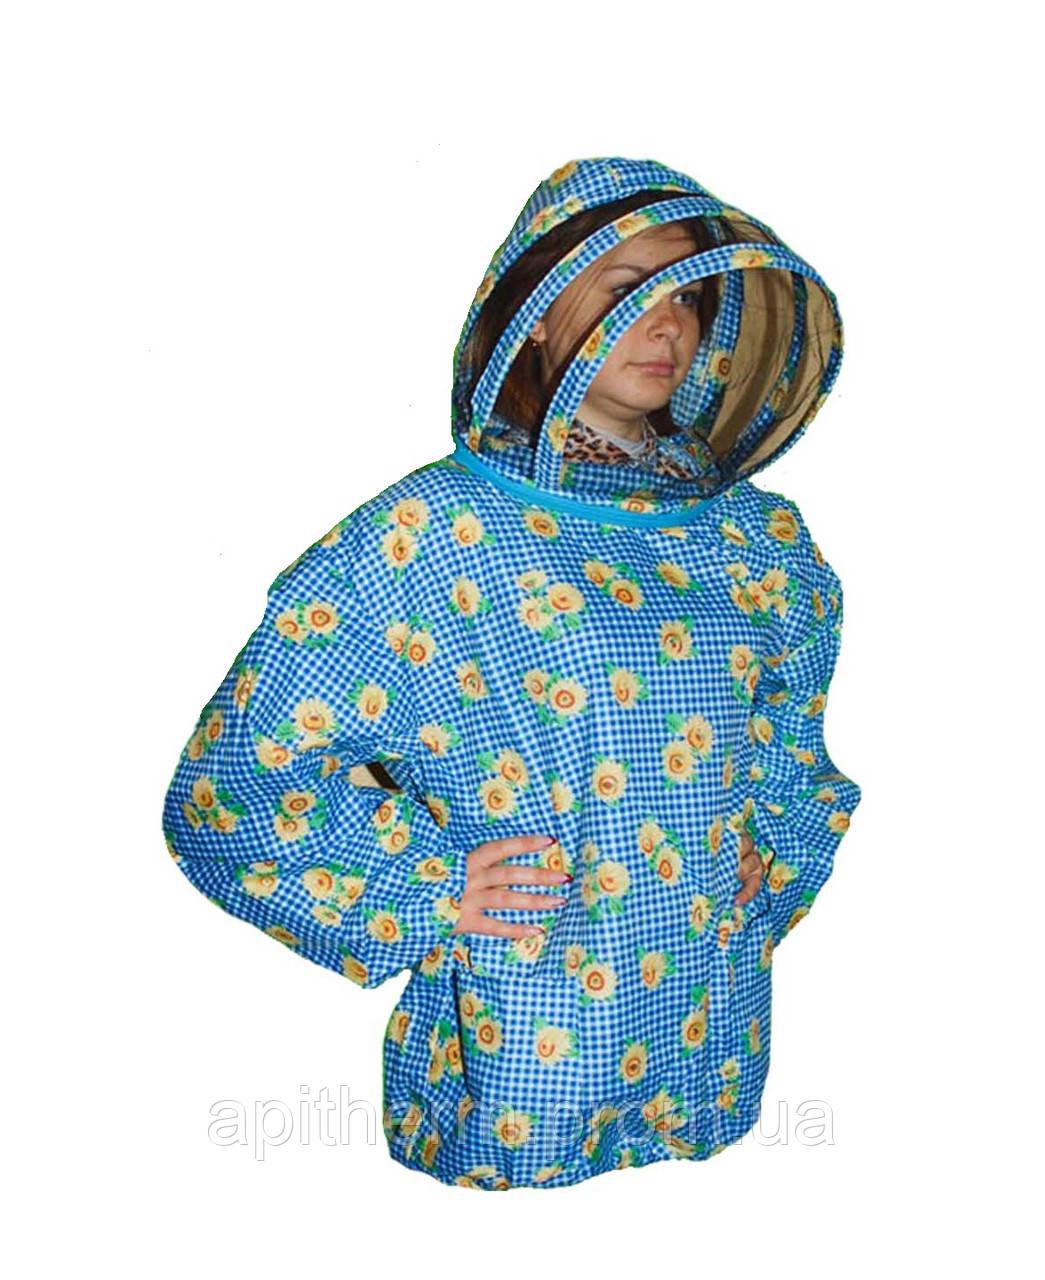 Куртка пчеловода Евро Без замка 100% Хлопок облегчённый. Размер ХХXL / 56-58